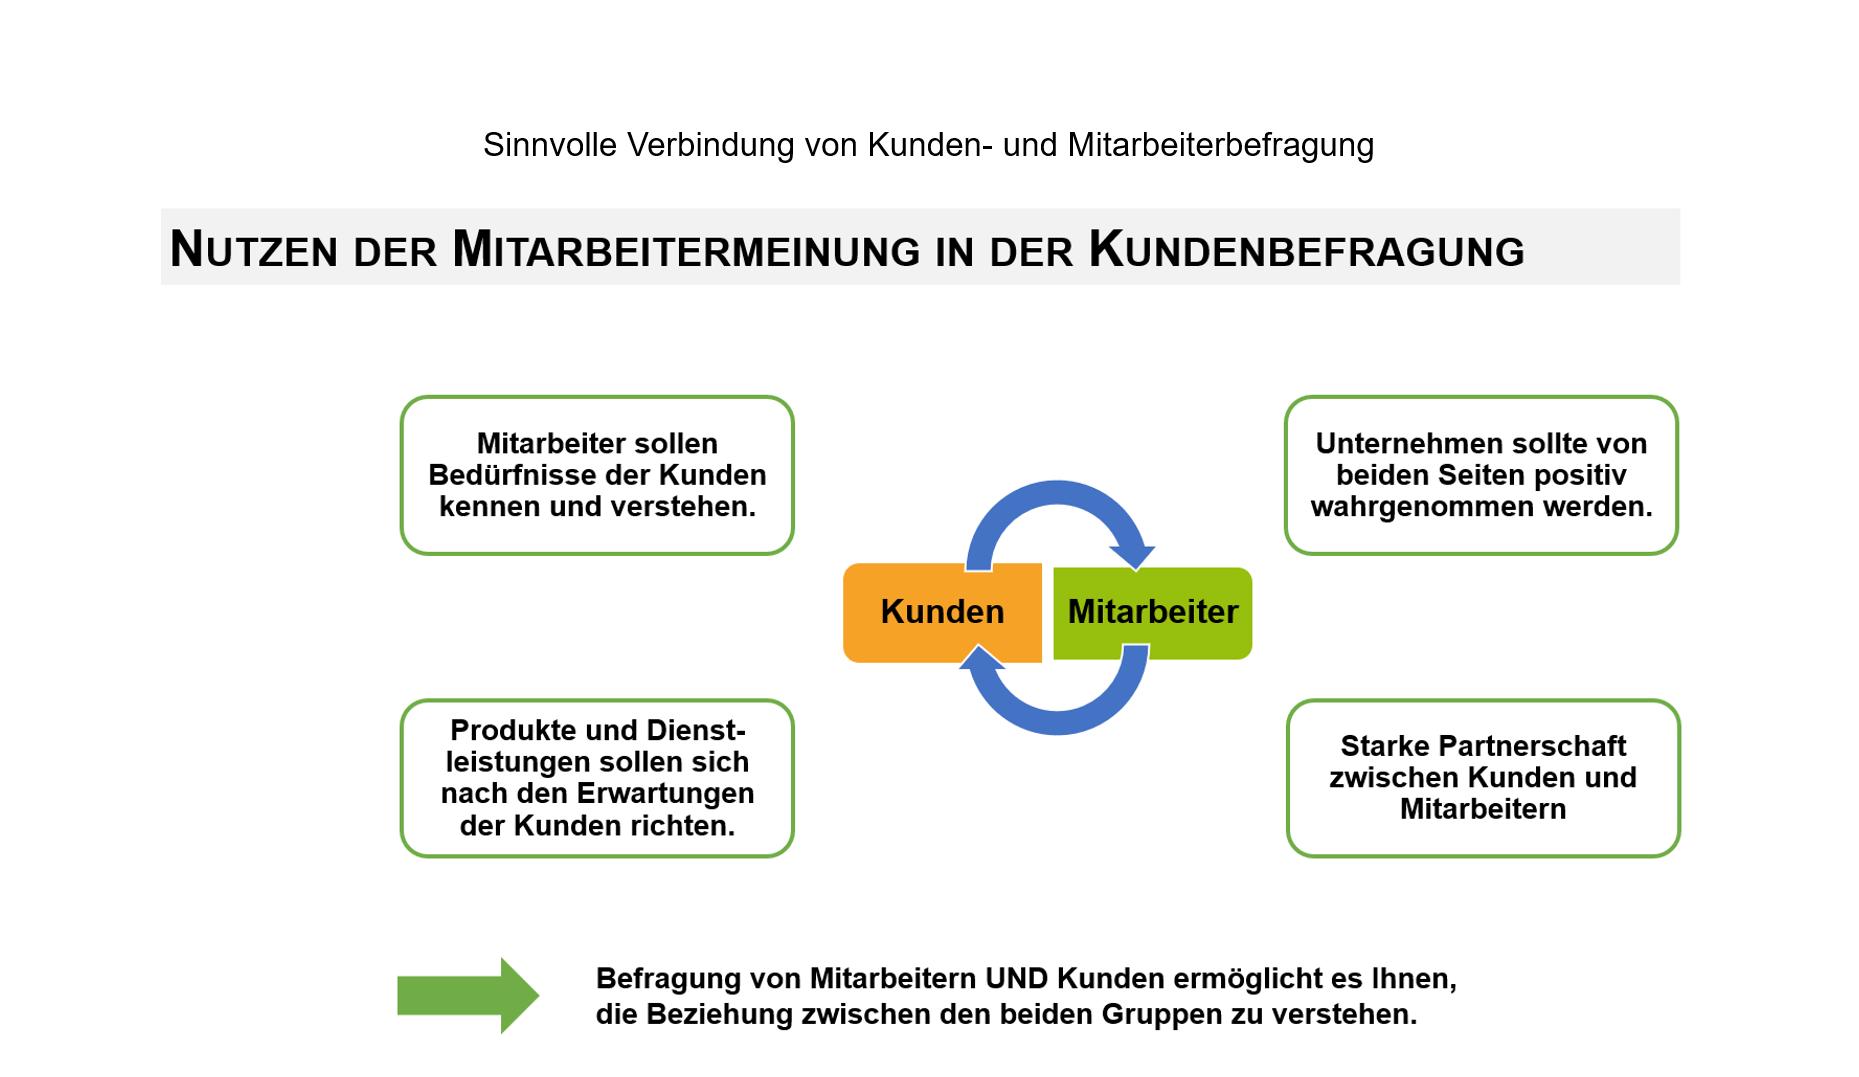 Kundenzufriedenheit_Verknüpfung KD MAB